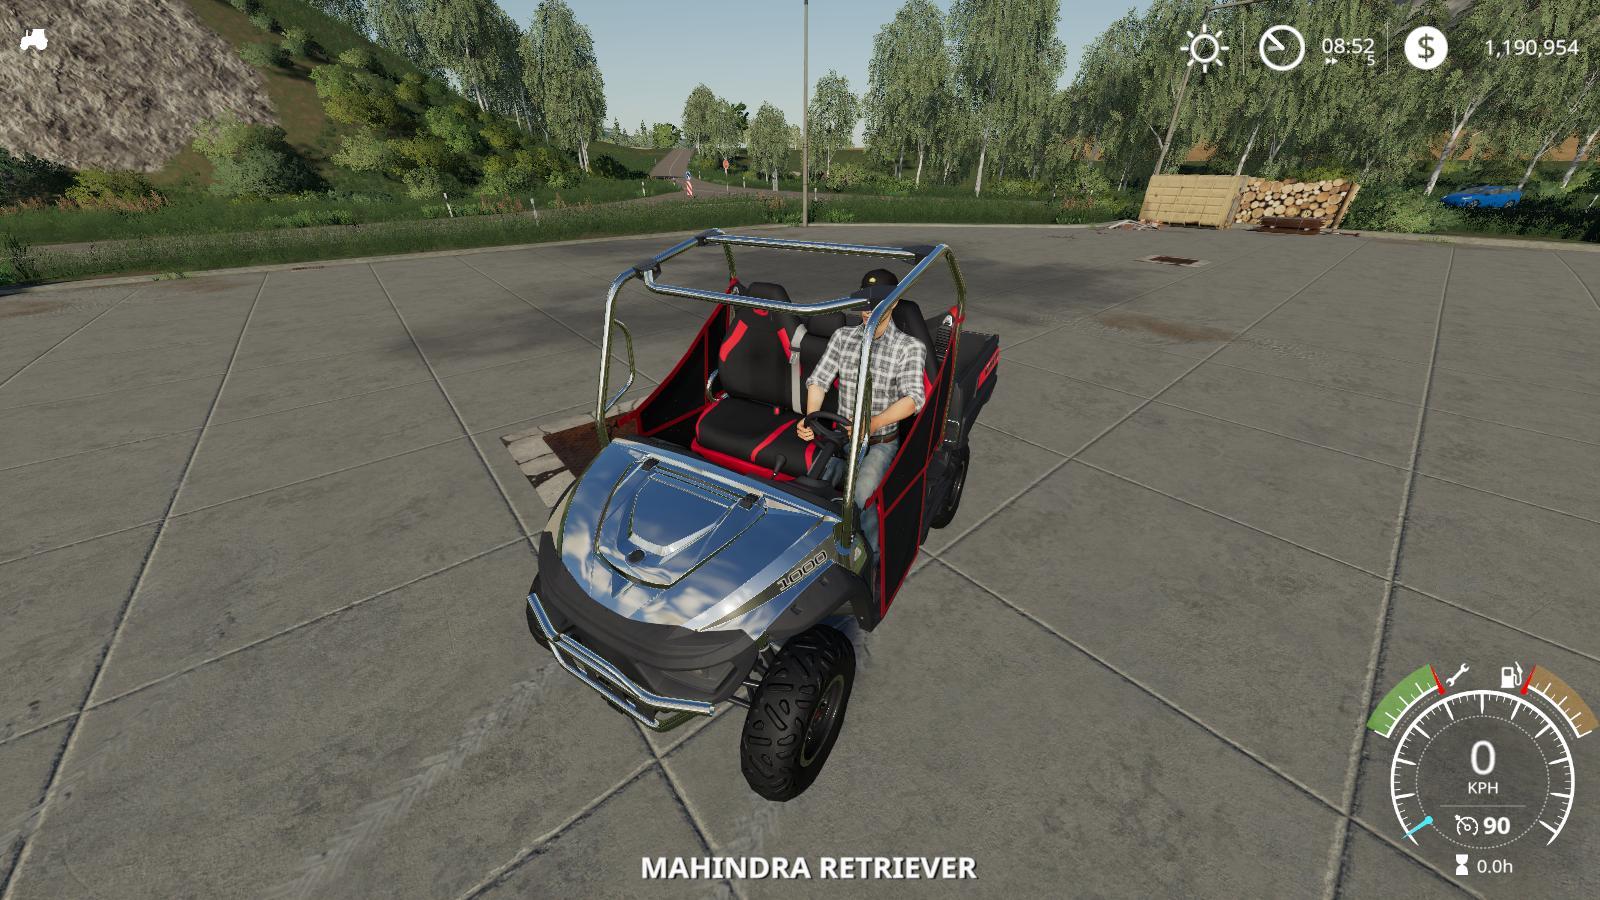 Mahindra Retriever Chrome Accessories v 1.0